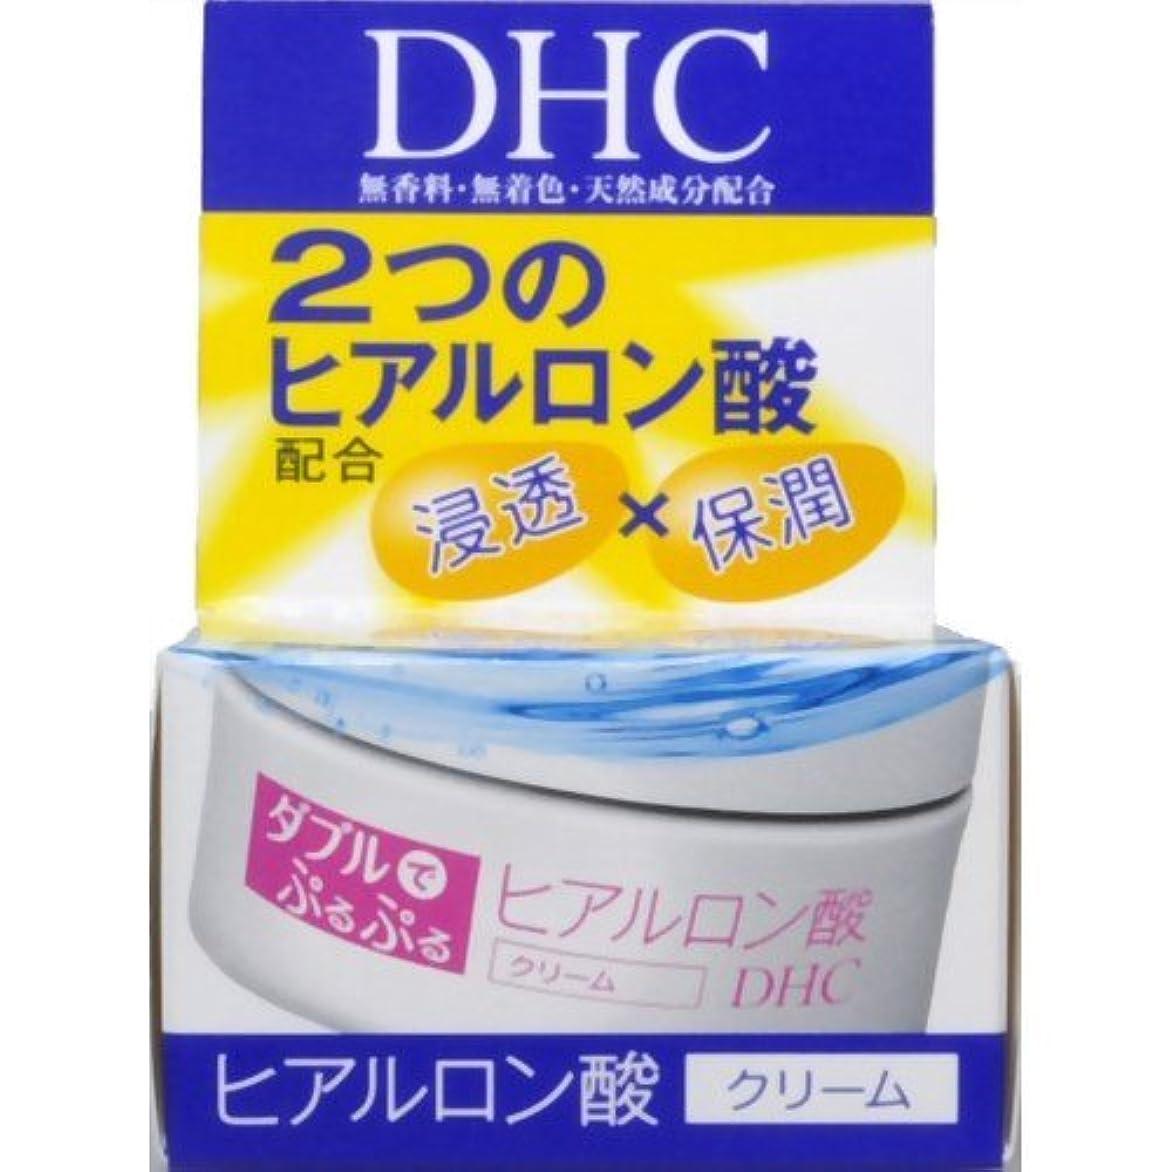 かわすもう一度プロトタイプDHC ダブルモイスチュアクリーム 50g